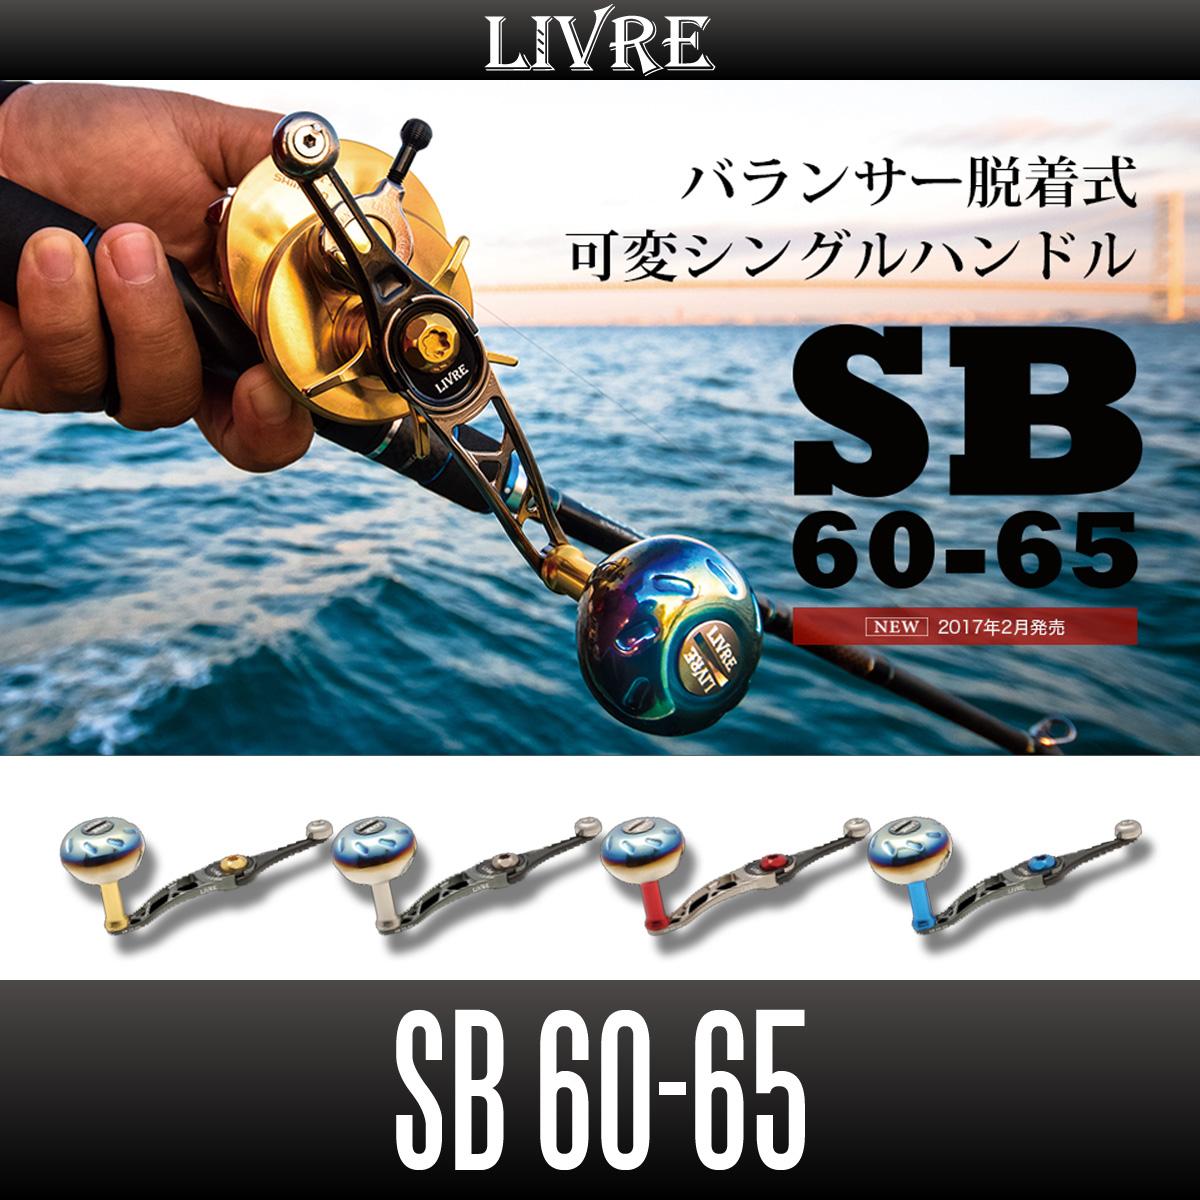 【リブレ/LIVRE】 SB 60-65 (ジギングハンドル 60-65)*LIVHASH